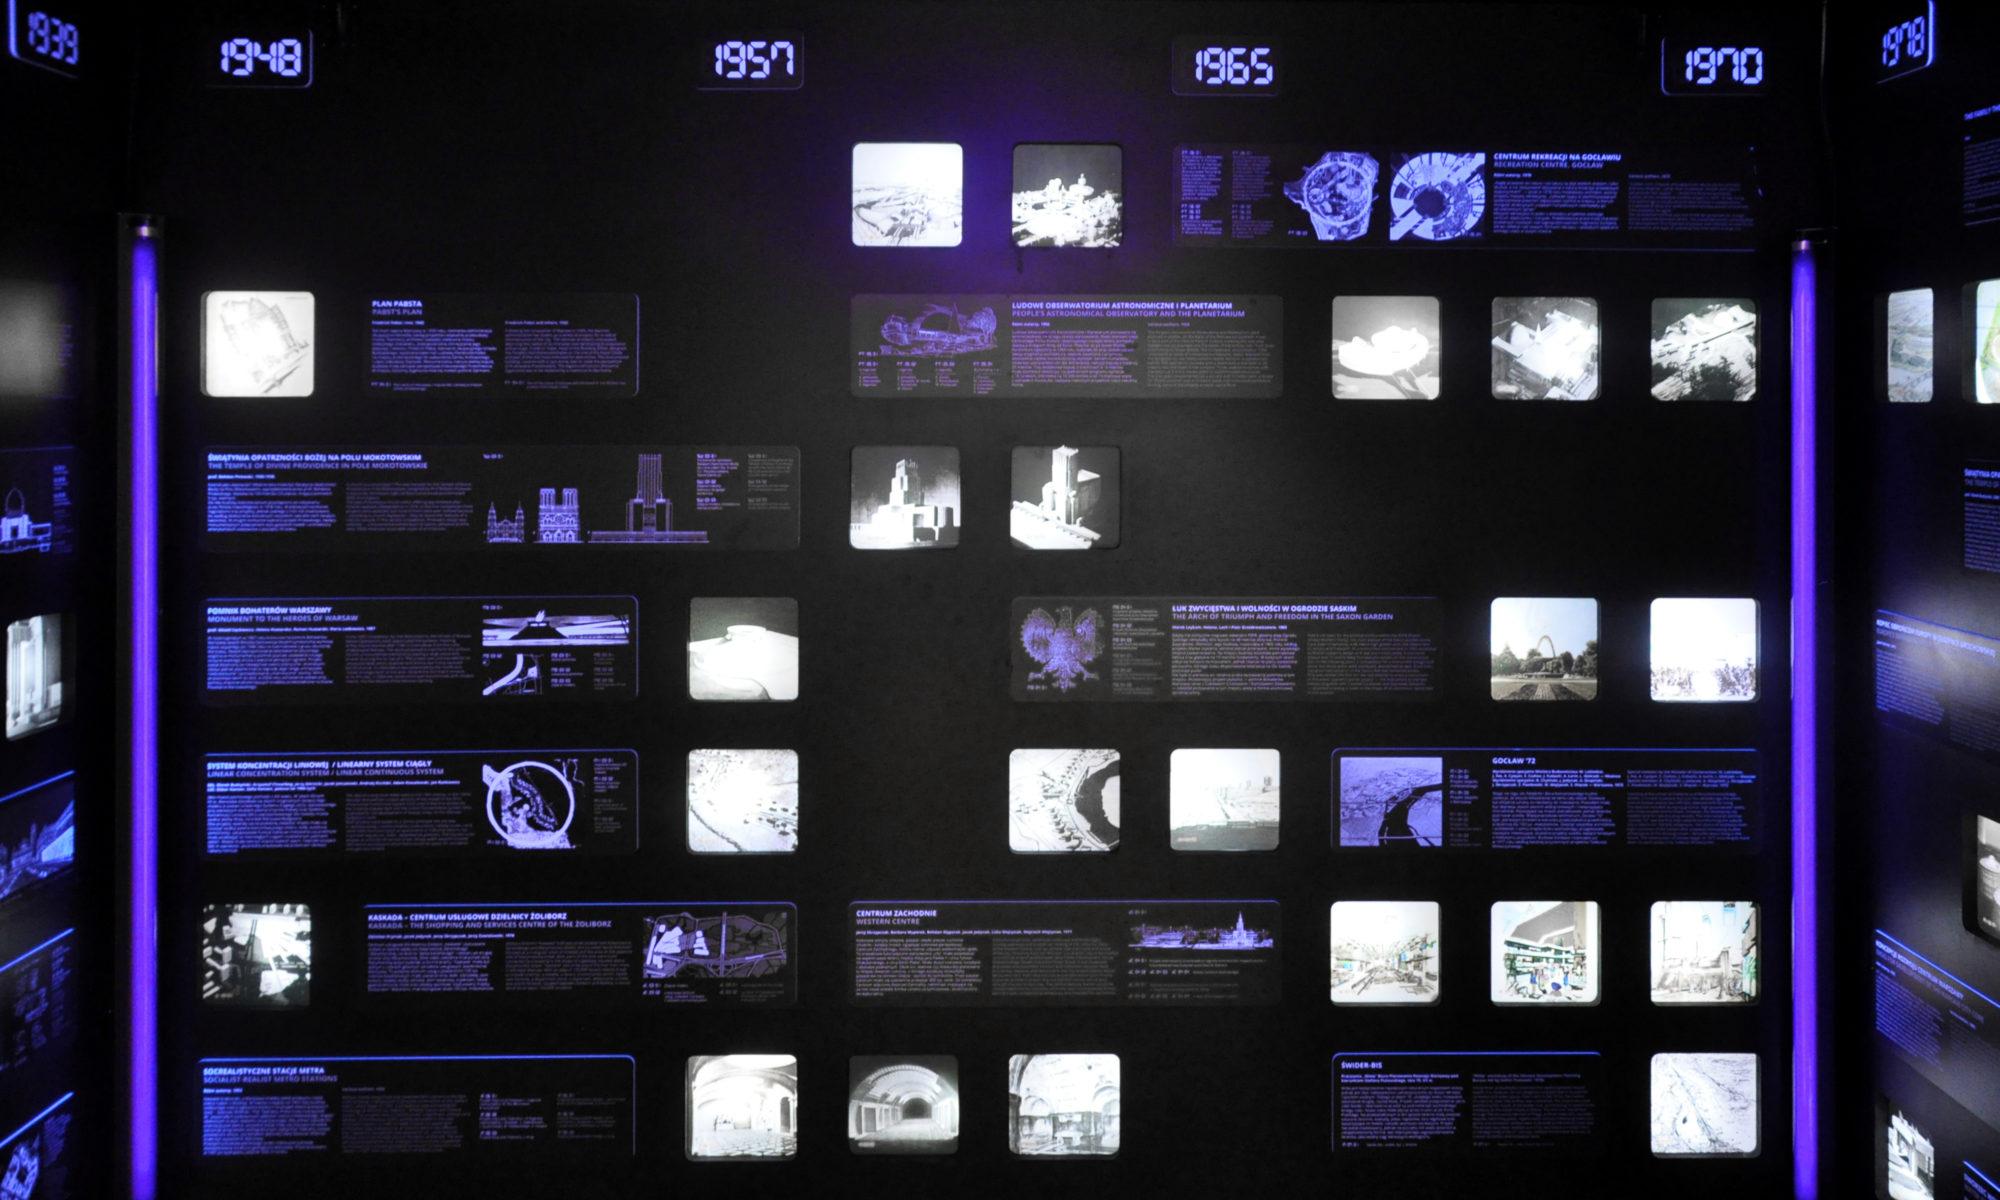 Zdjęcie wystawy w pawilonie